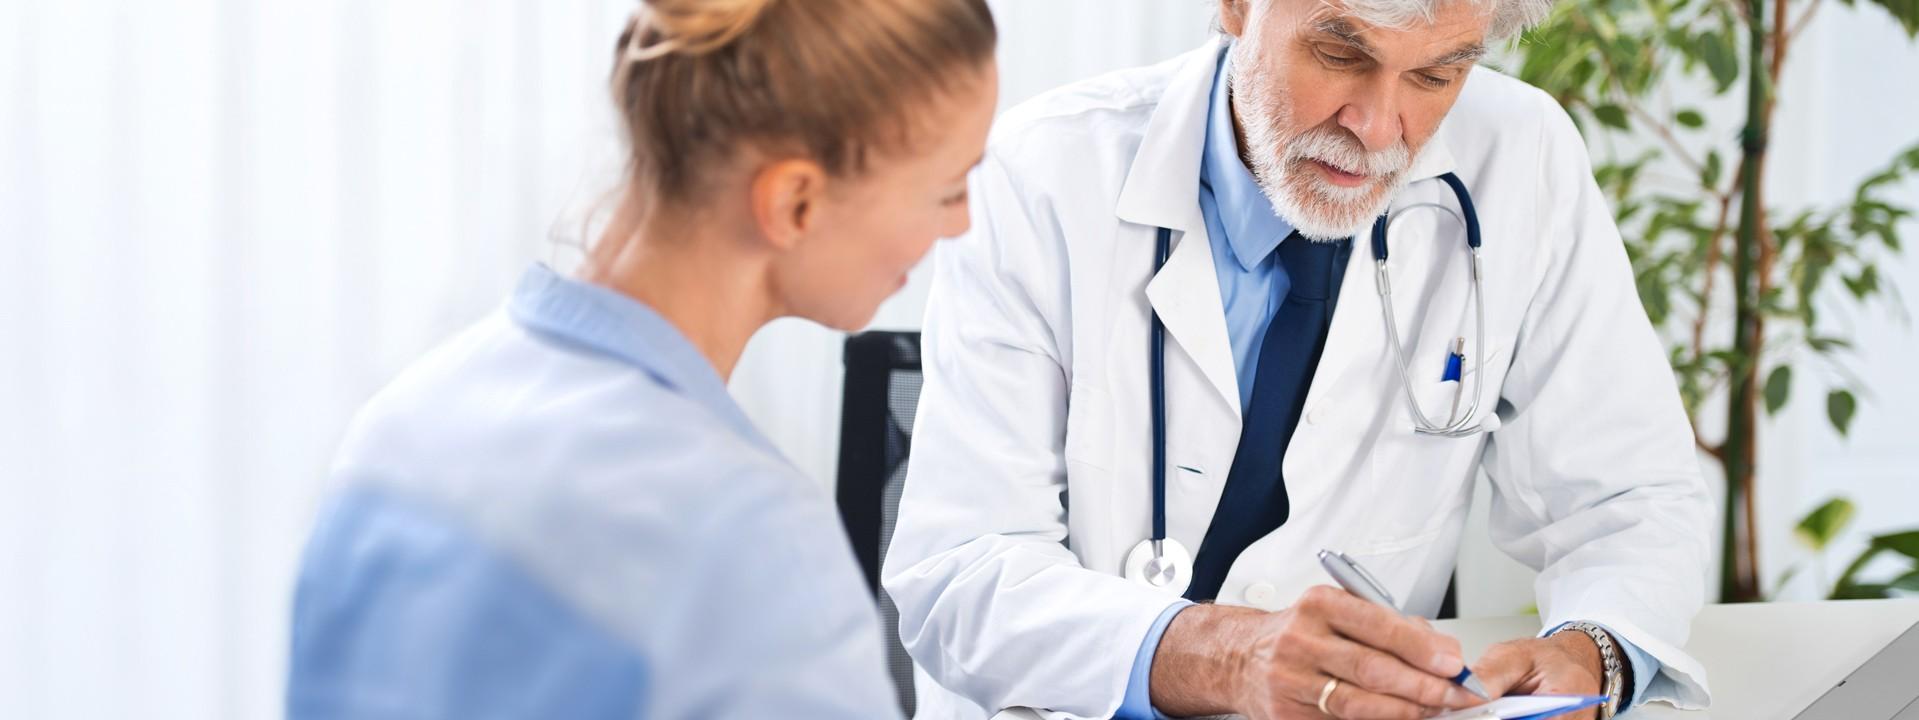 Ein etwas 60 jähriger Arzt sitzt einer etwas 25 jährigen Frau an einem tisch gegenüber. Er berät sie und hat ein Klemmbrett in der Hand.